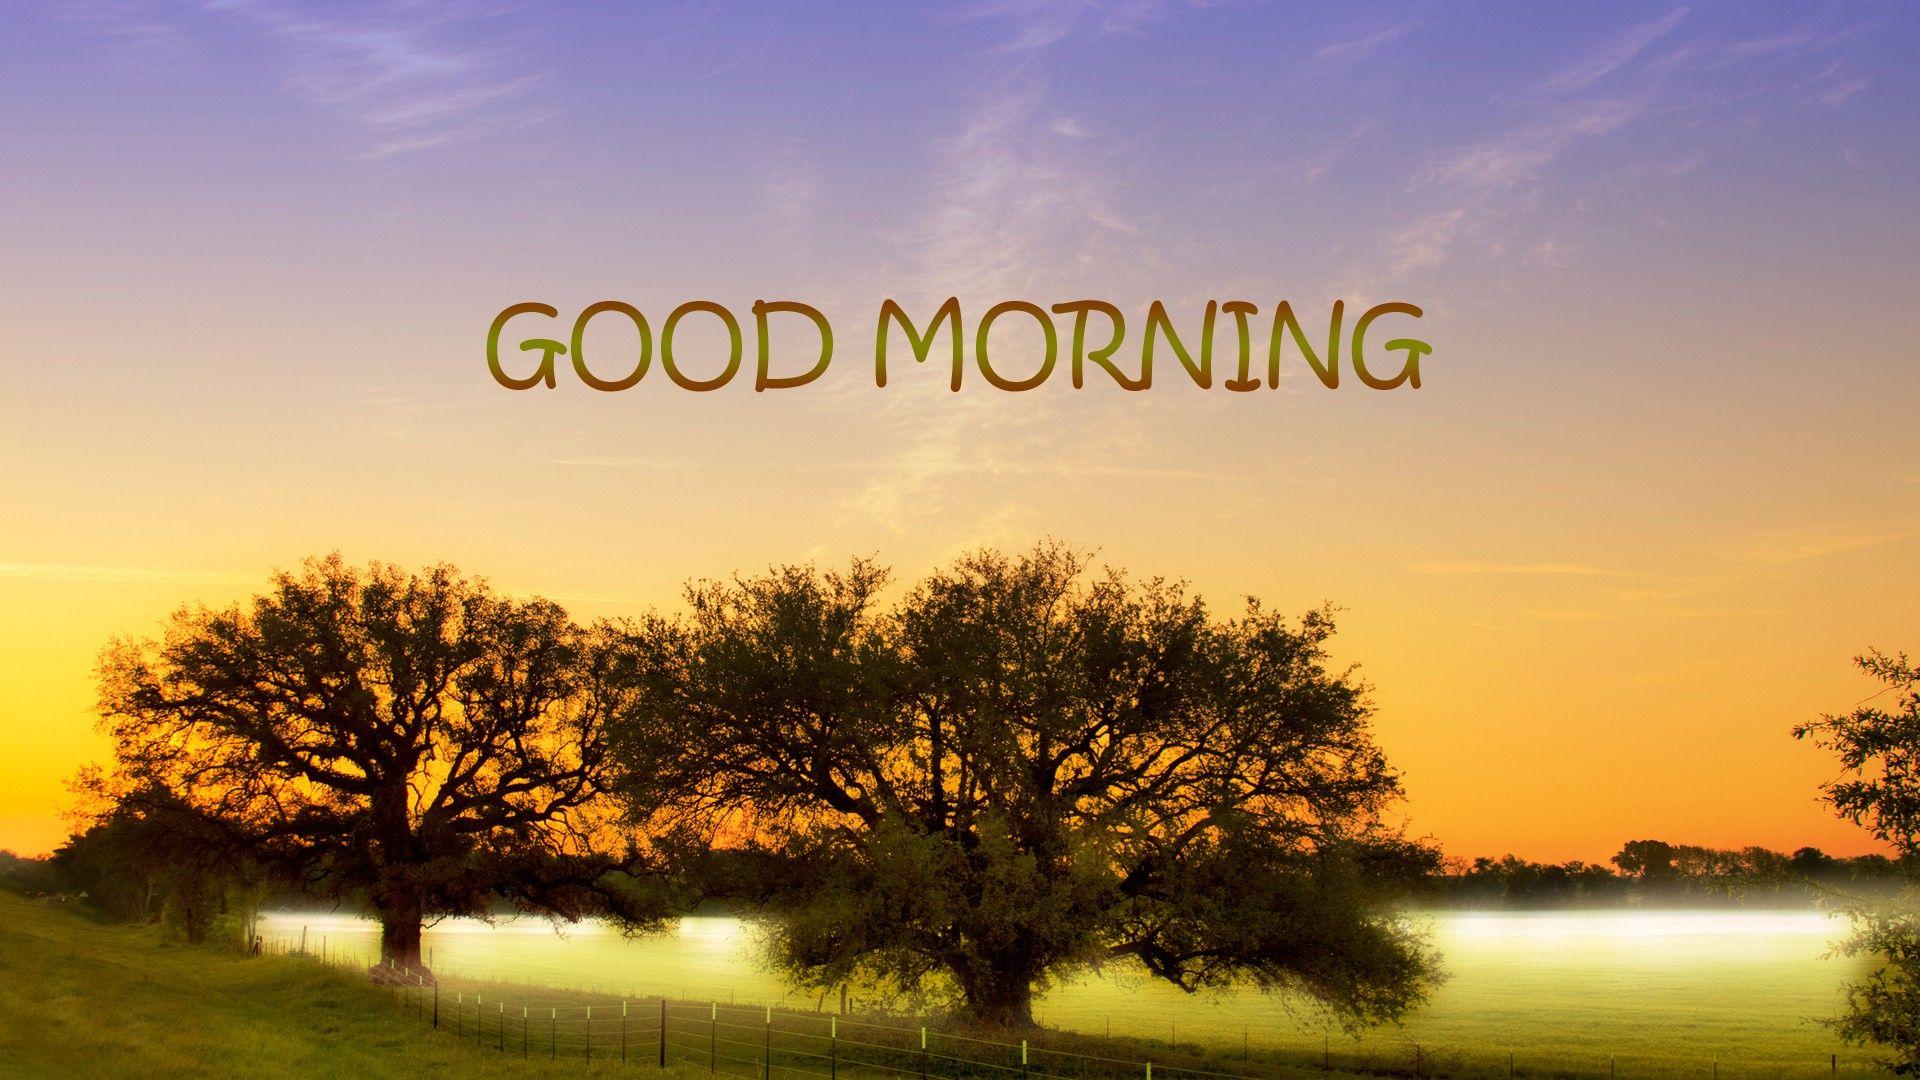 Buona giornata a tutti! #joele #buongiorno #colazione #sveglia #mattina #goodmornig